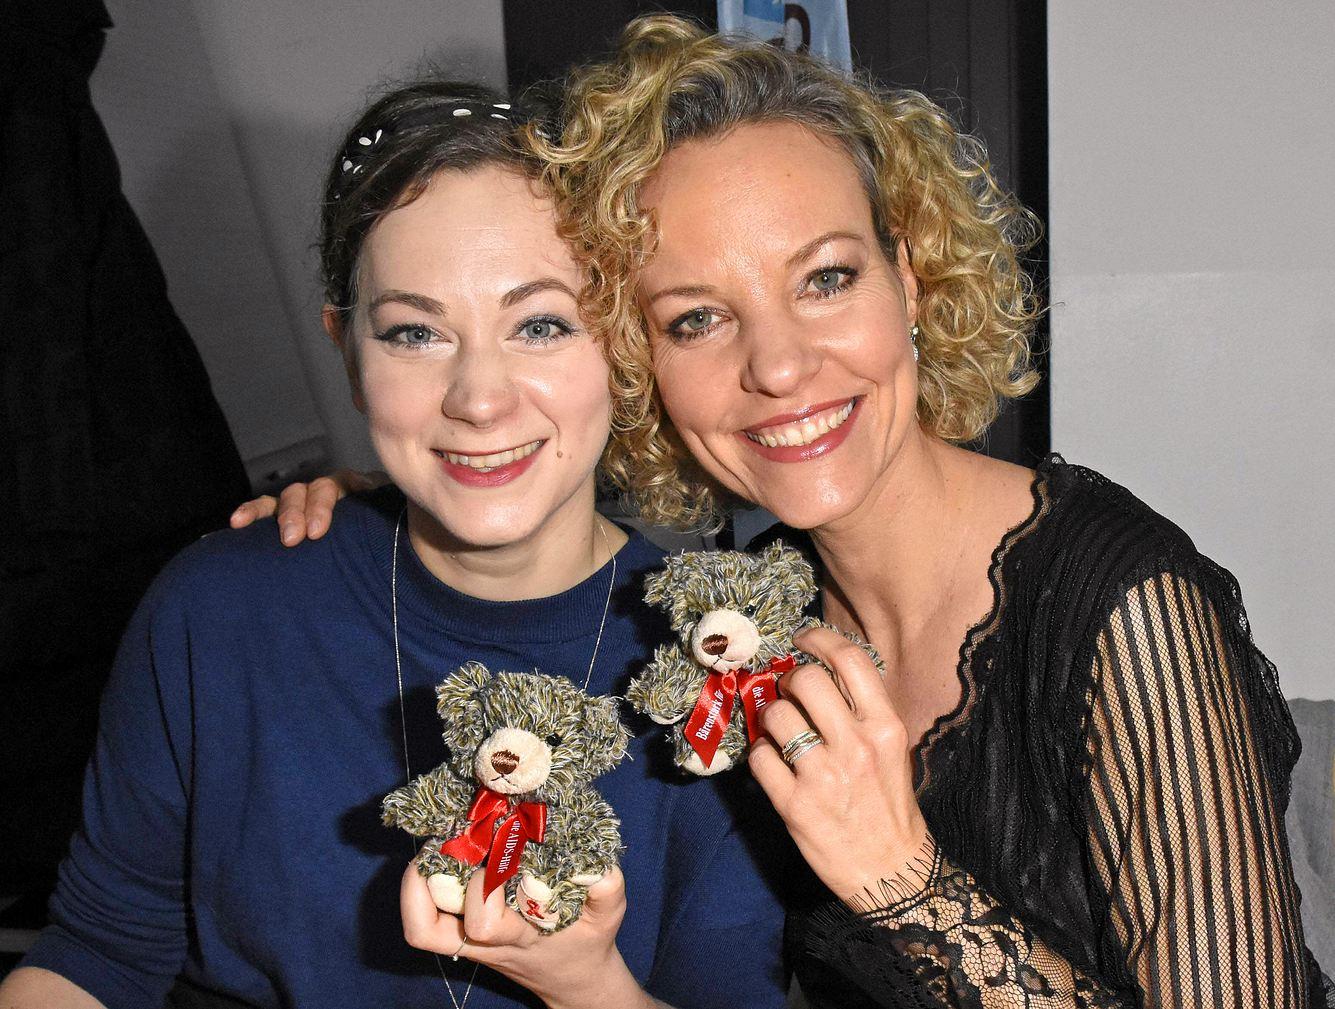 Die ehemaligen 'Sturm der Liebe'-Stars Christin Balogh und Melanie Wiegmann sind enge Freundinnen.